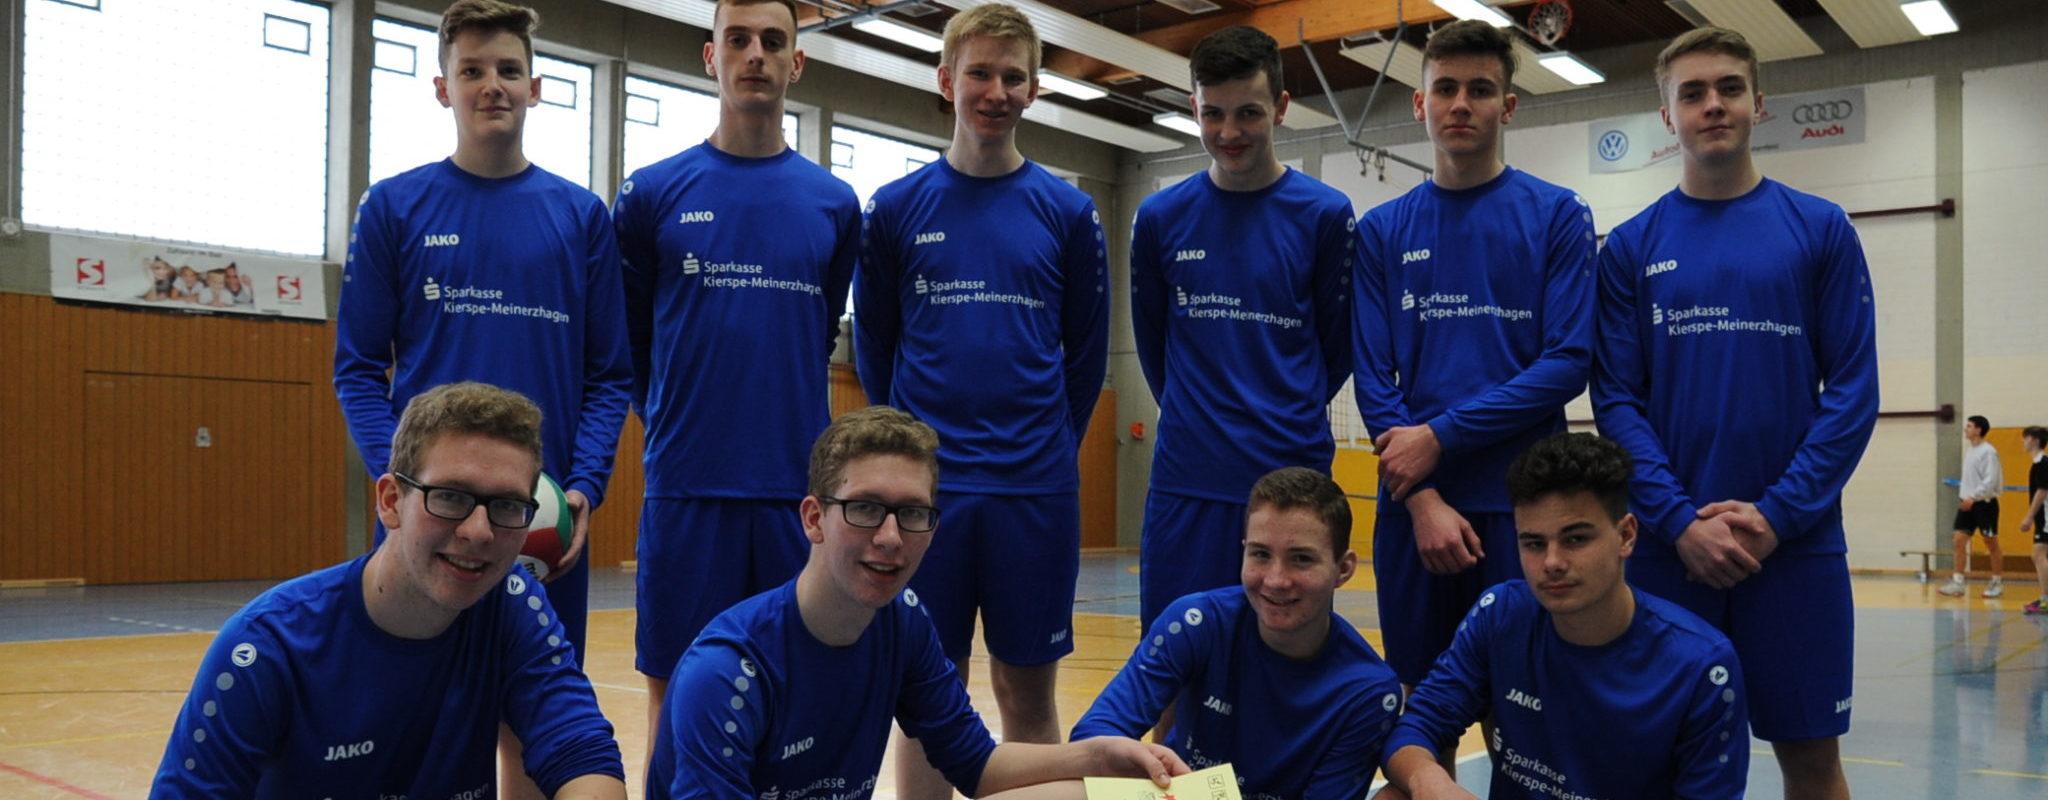 Volleyballer bei Regierungsbezirks-Endrunde auf Platz 5